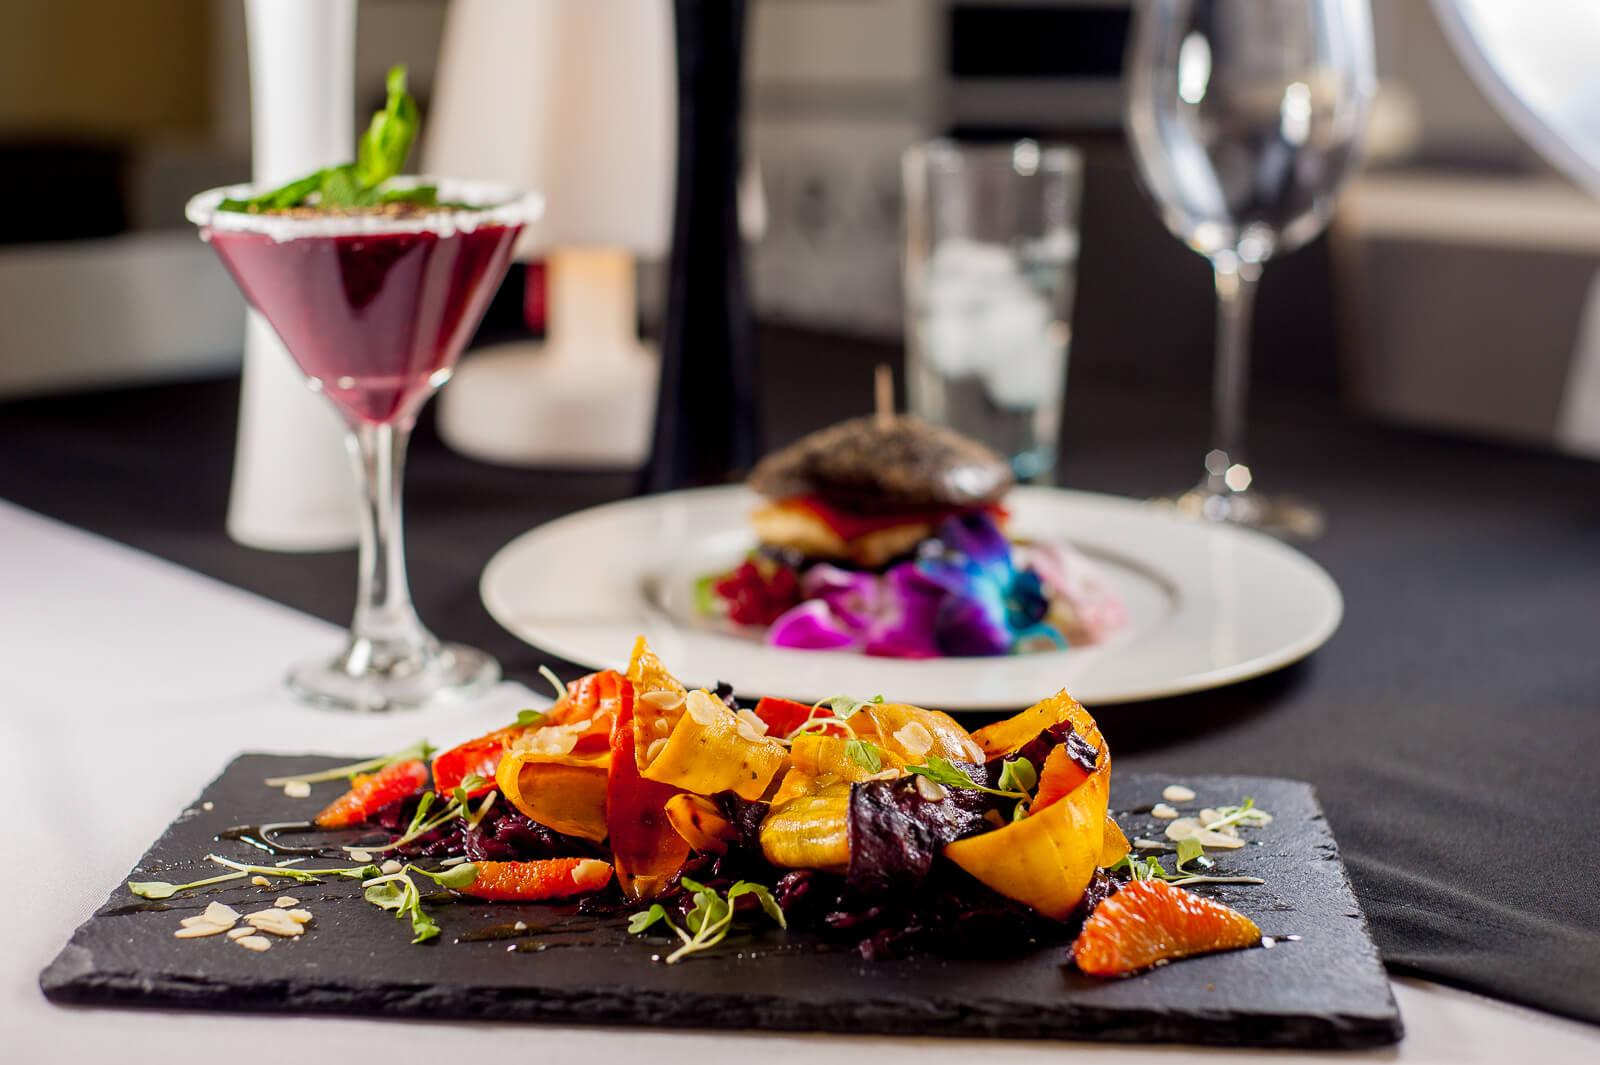 Buraki karmelizowane z kolorową grillowaną marchwią